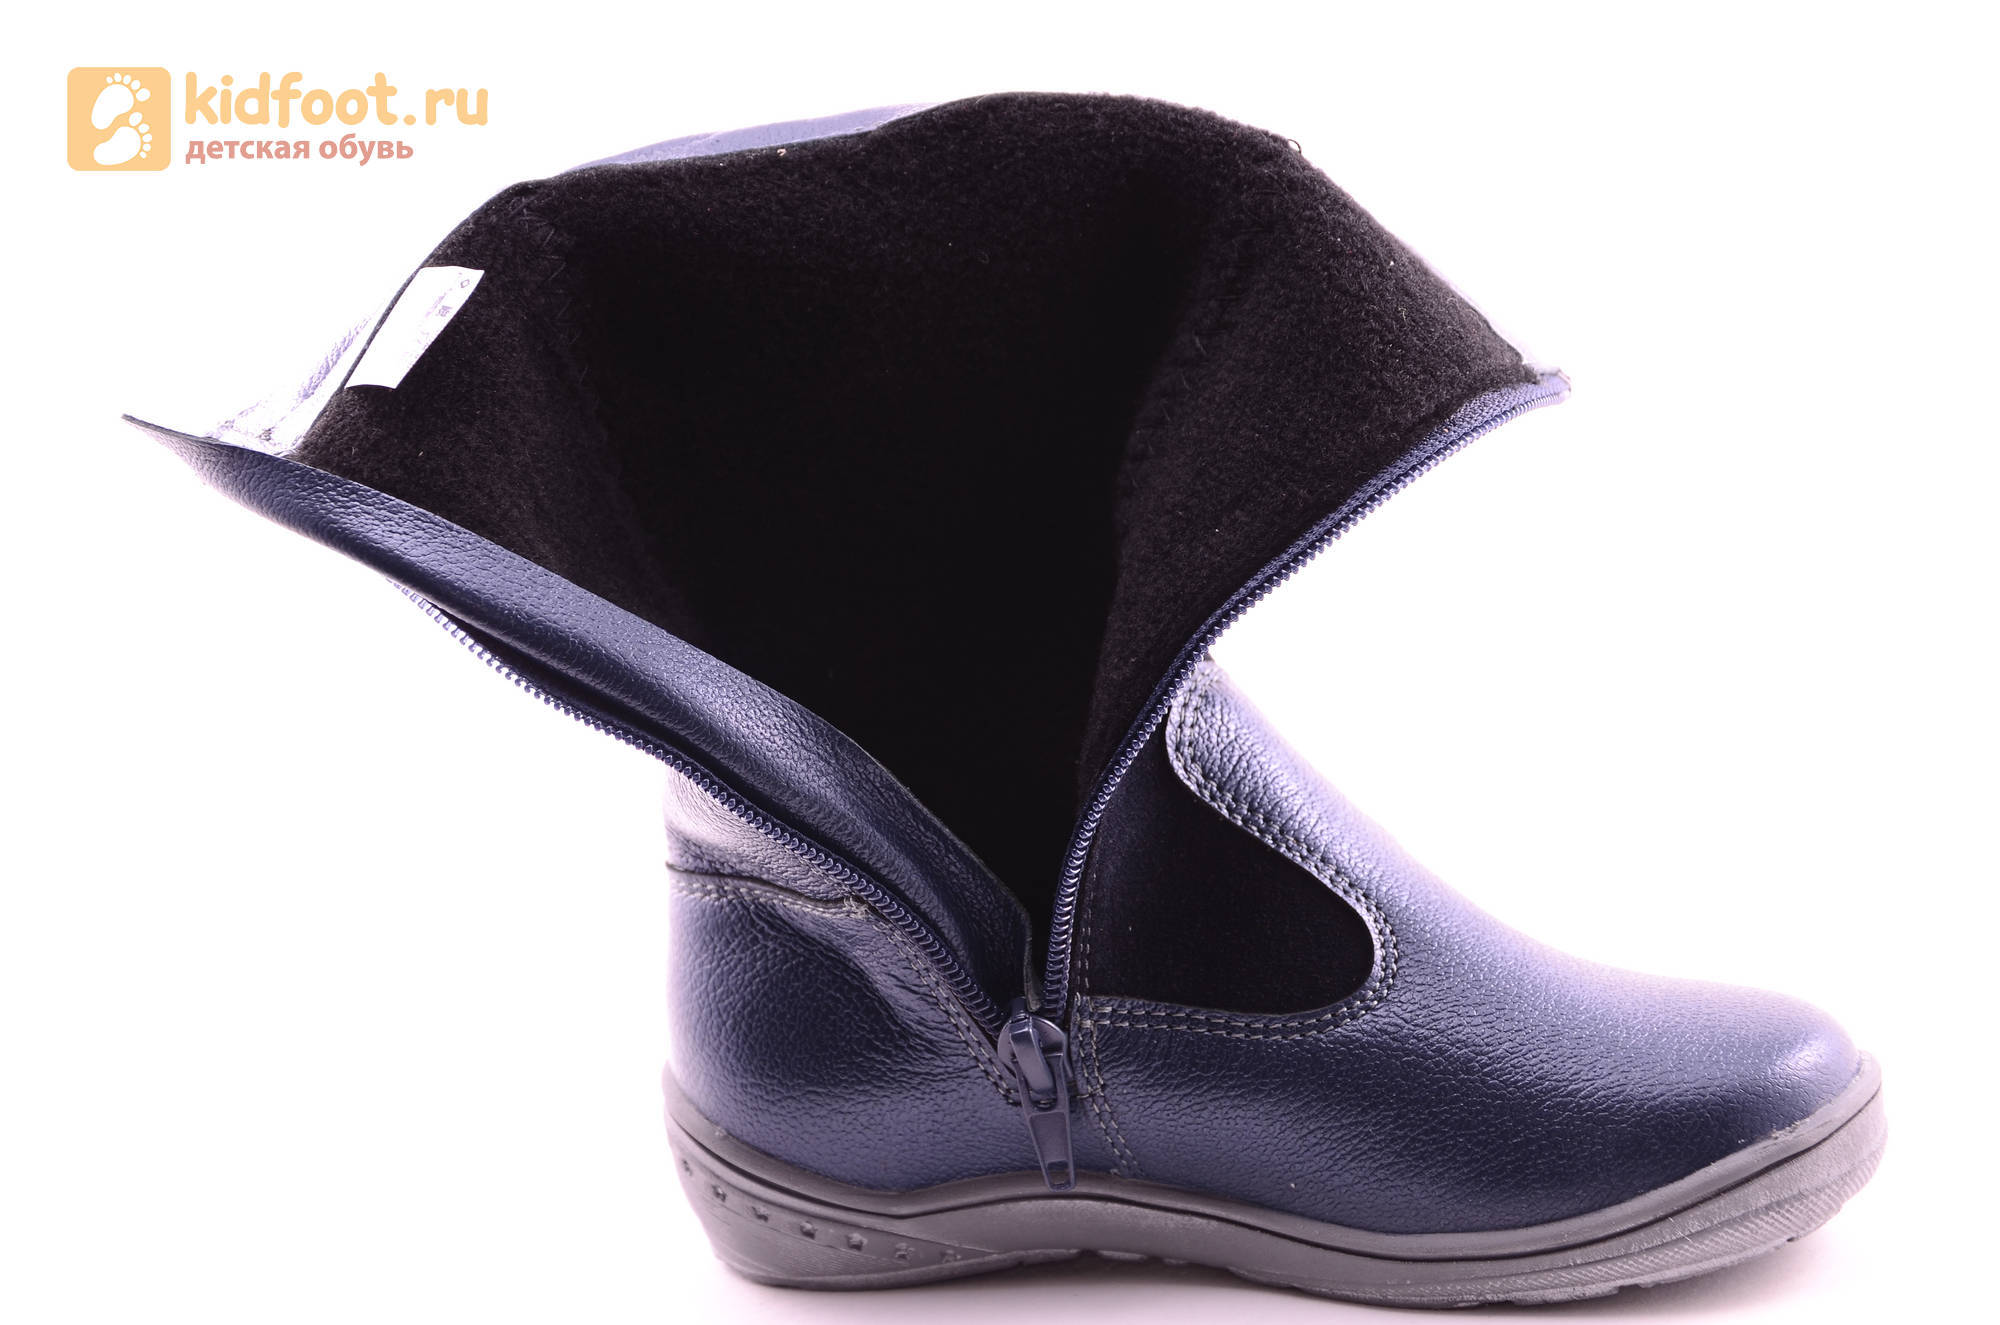 Сапоги для девочек из натуральной кожи на байковой подкладке Лель (LEL), цвет темно-синий